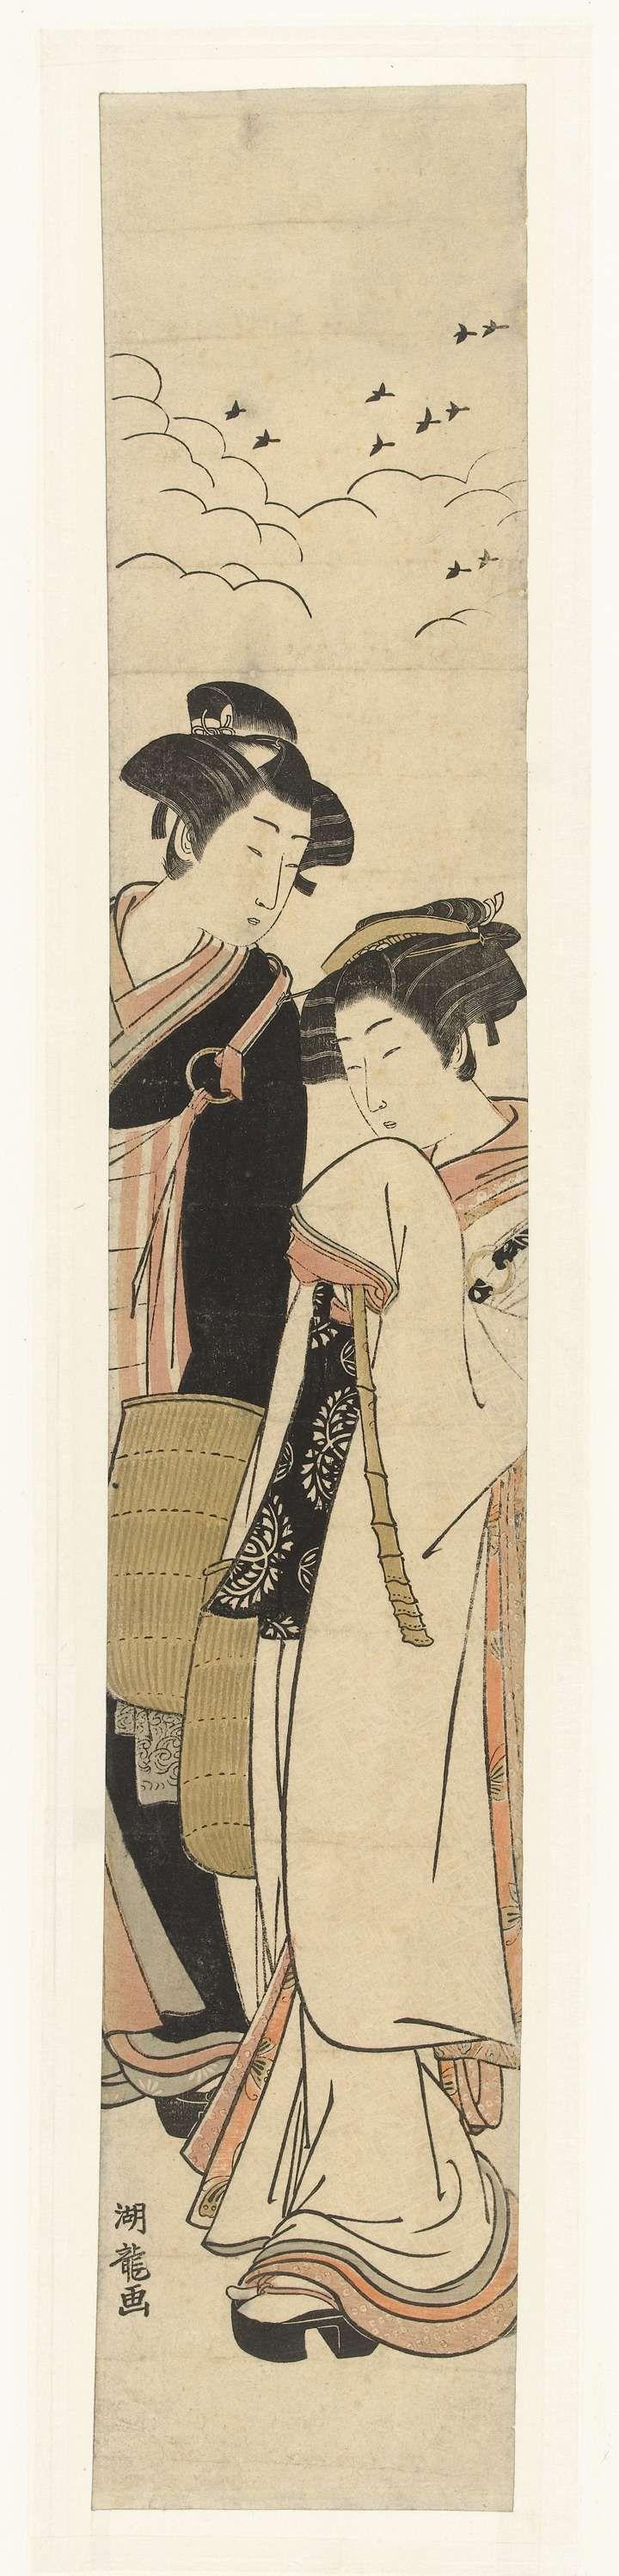 Isoda Kôryûsai | Geliefden Komurasaki en Gompachi vermomd als bedelmonniken, Isoda Kôryûsai, 1770 - 1780 | Man in zwarte kleding en rood-wit gestreepte schoudertas, kijkend naar vrouw in witte kleding met zwarte schoudertas en bamboe fluit; beiden een rieten hoed in handen.